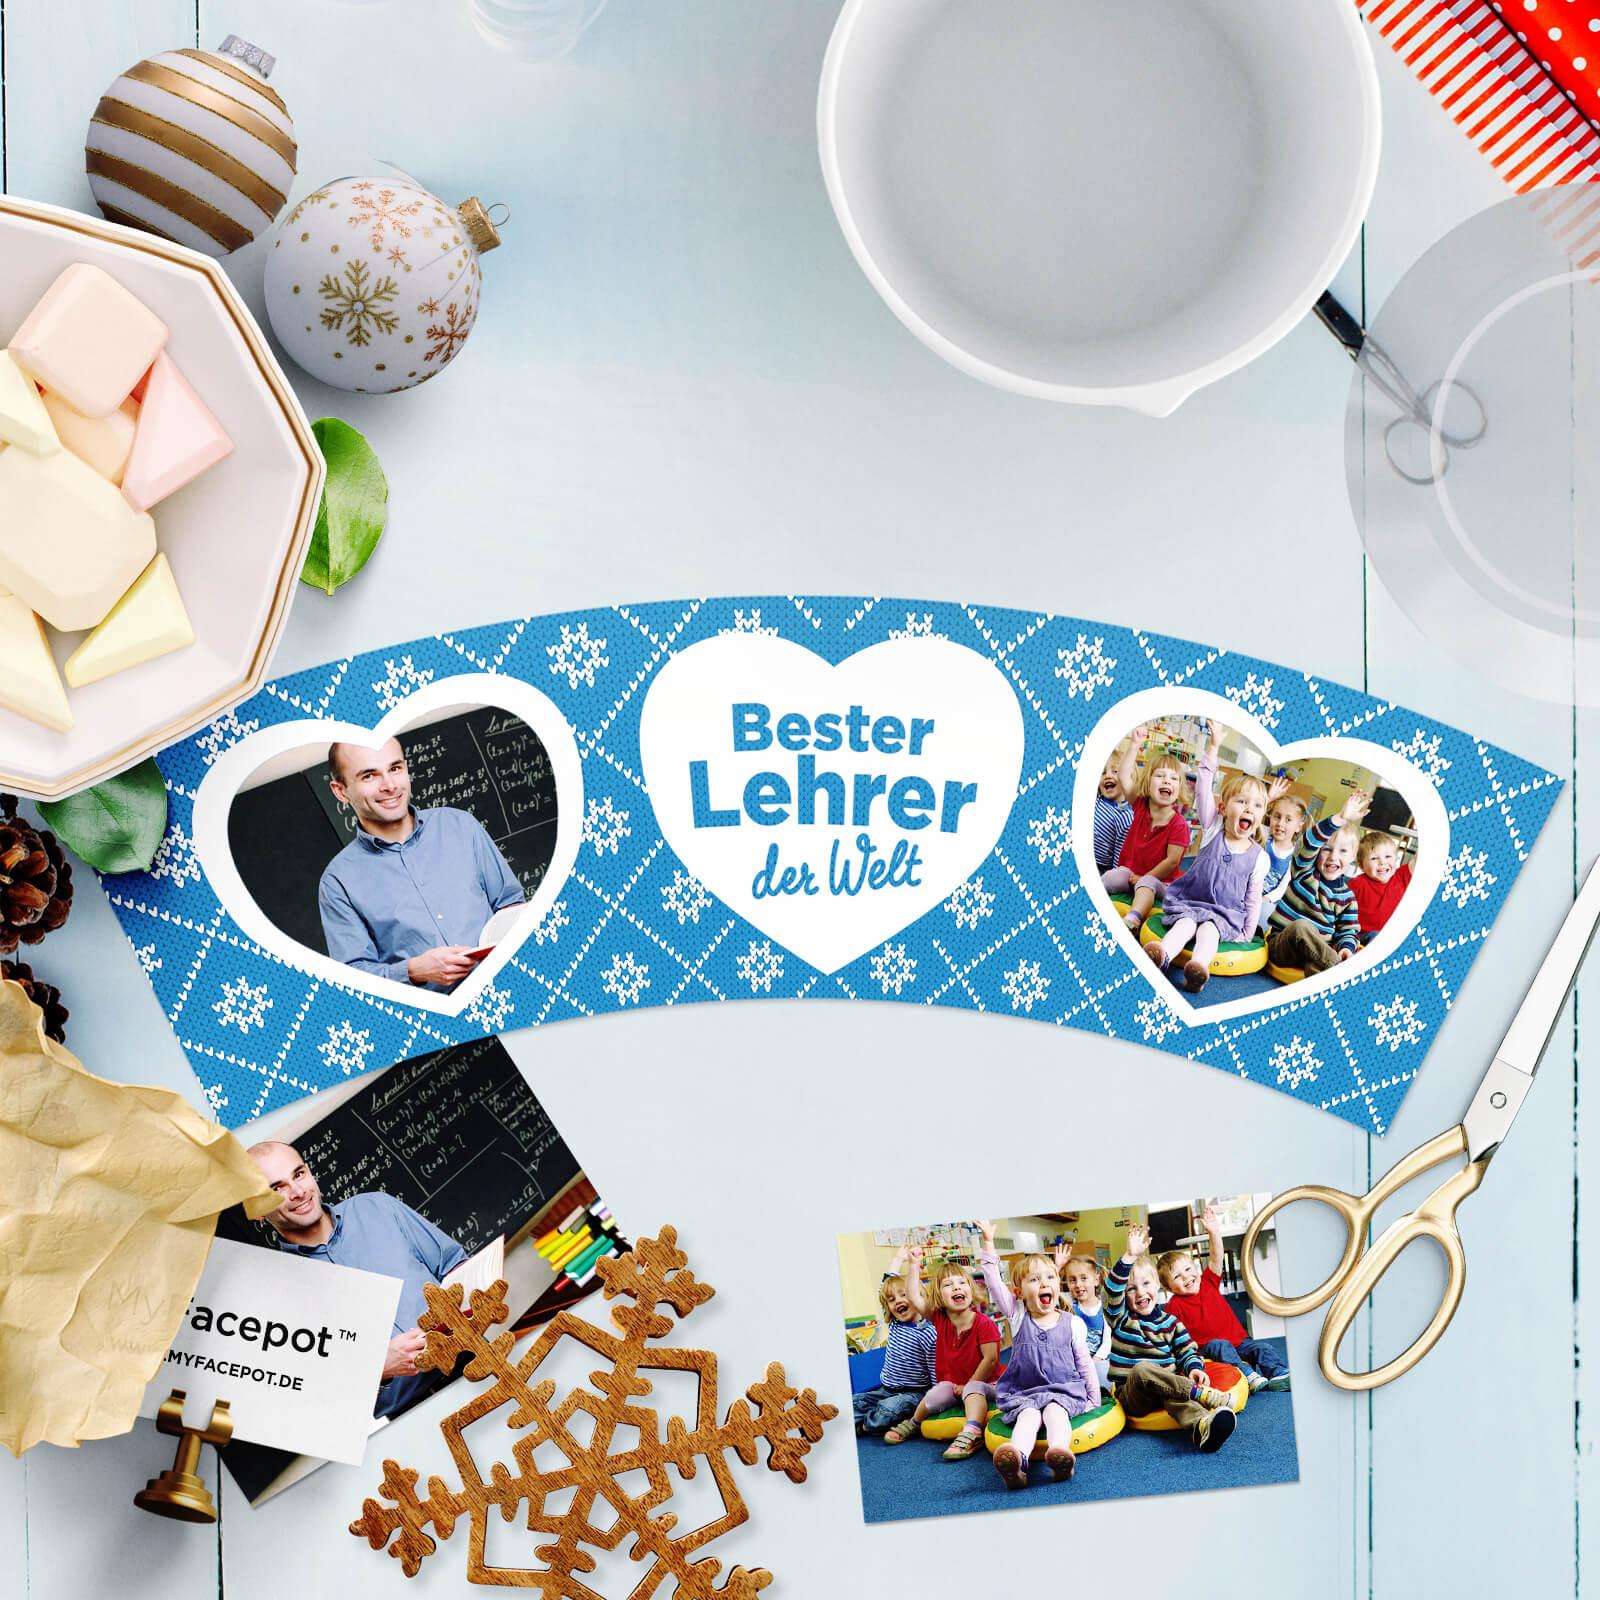 Bester Lehrer – Weihnachtsgeschenk – MyFacepot.de